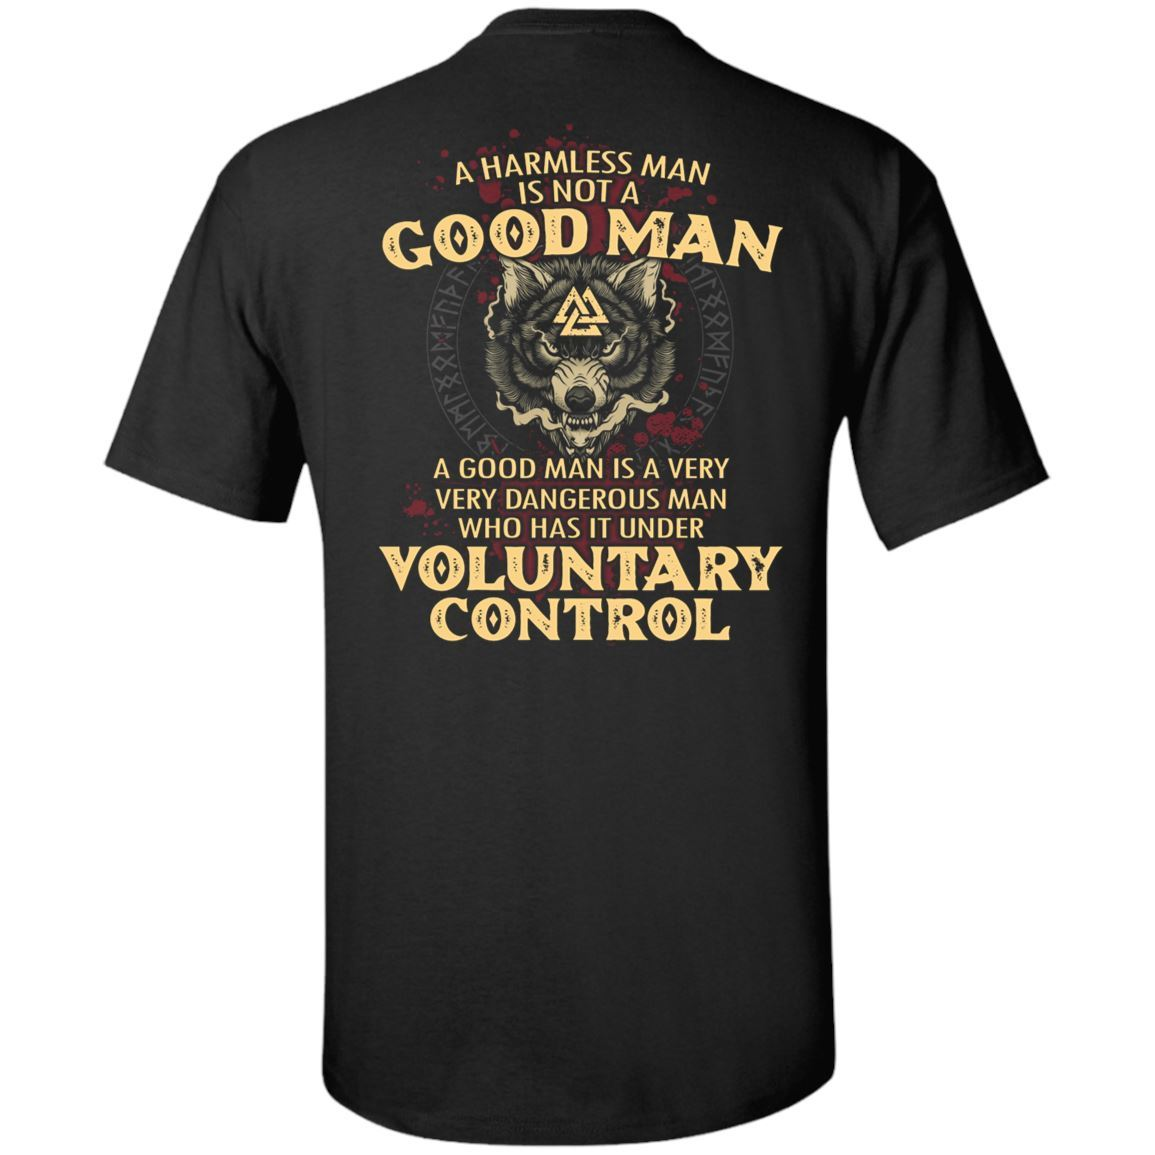 A harmless man is not a good man Shirt 13